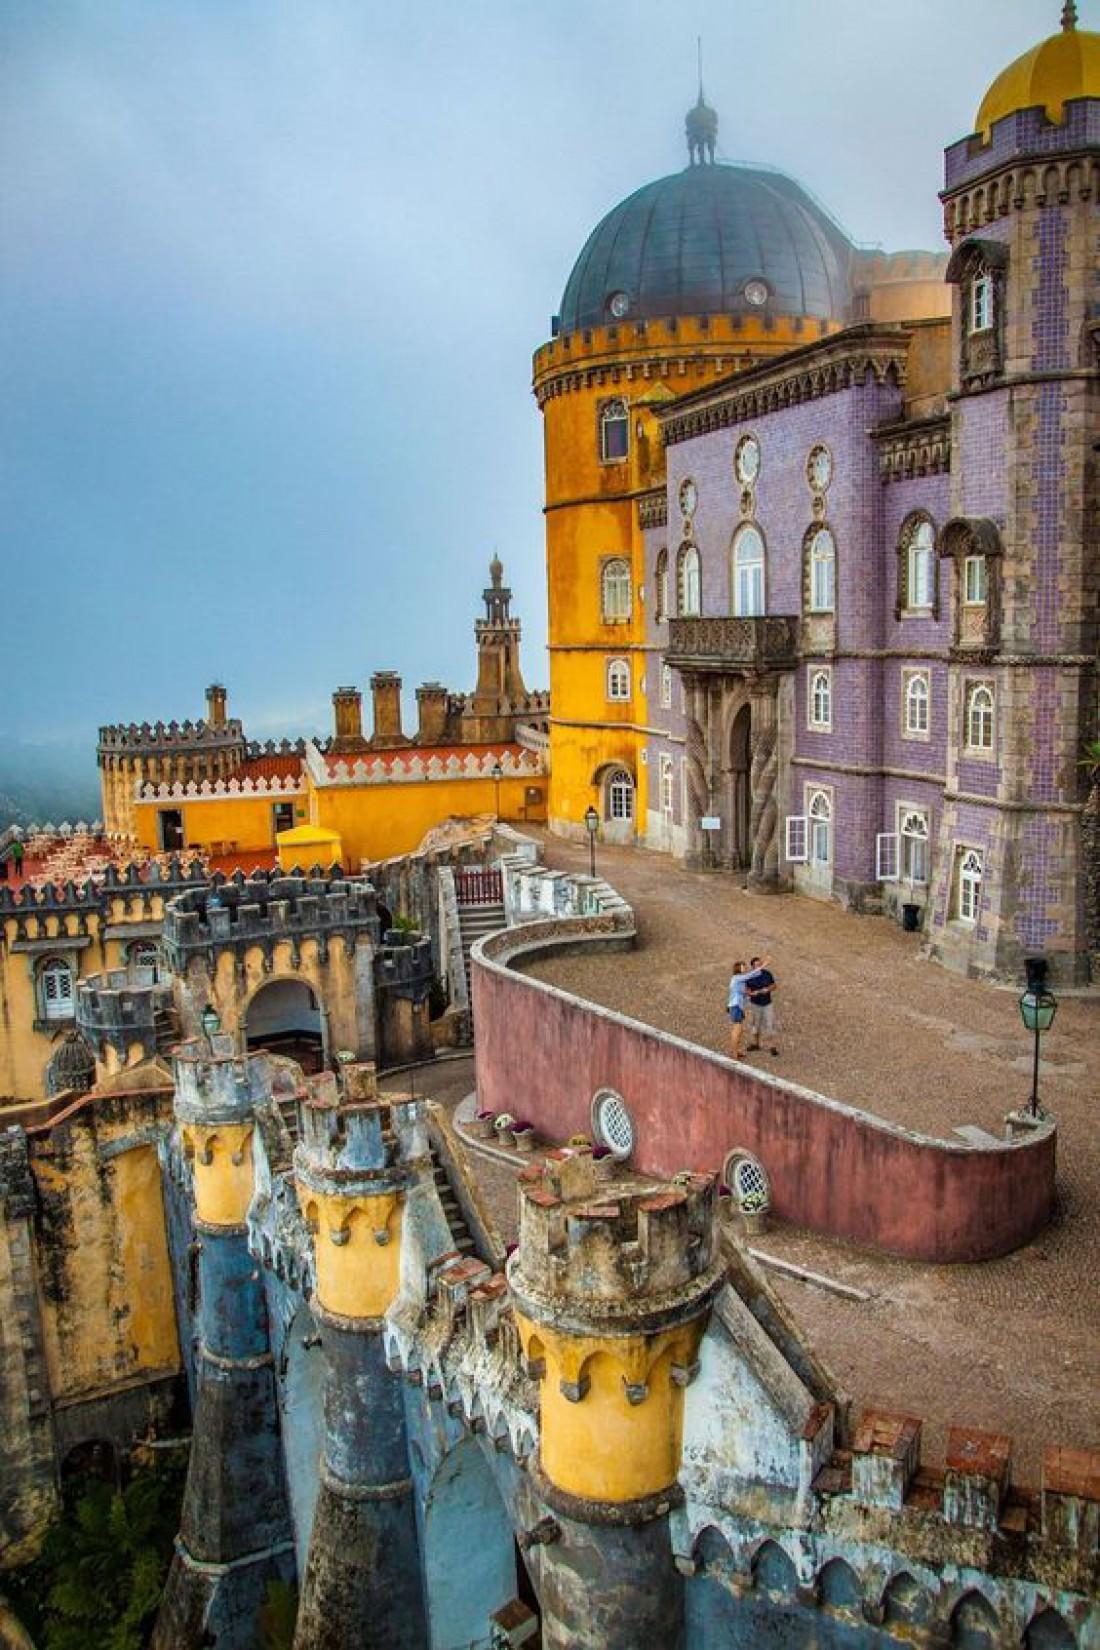 Дворец Пена - гордость принца Фердинанда Саксен-Кобург-Готского